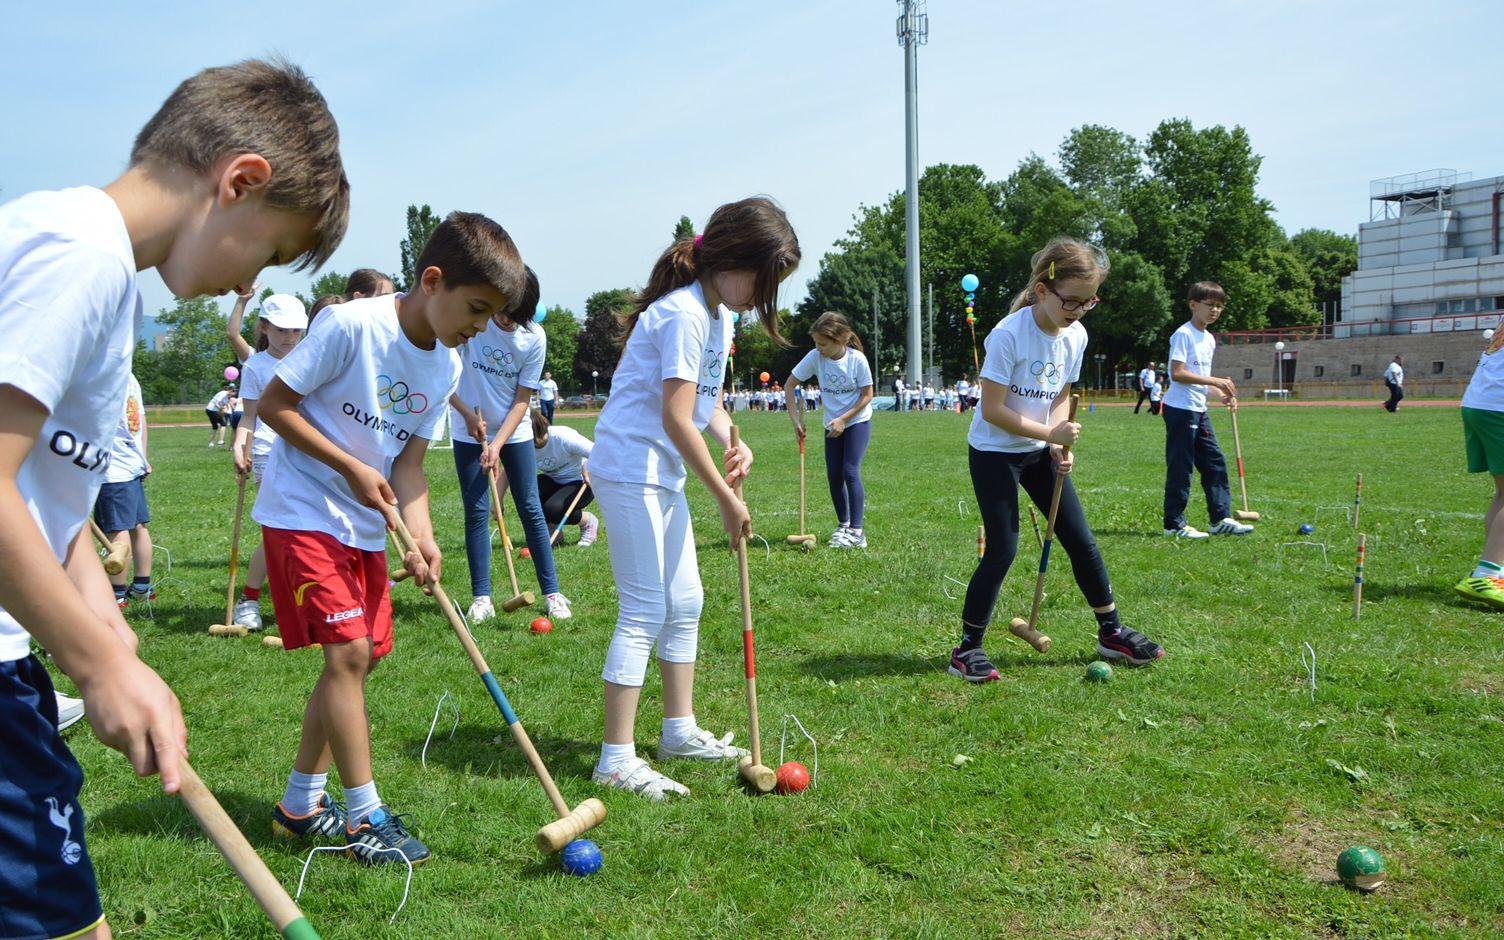 3000 UČENIKA OSNOVNIH I SREDNJIH ŠKOLA IZ ZAGREBA ŠALJU NAJVAŽNIJU SPORTSKU PORUKU Zagreb se sprema za Hrvatski školski sportski dan